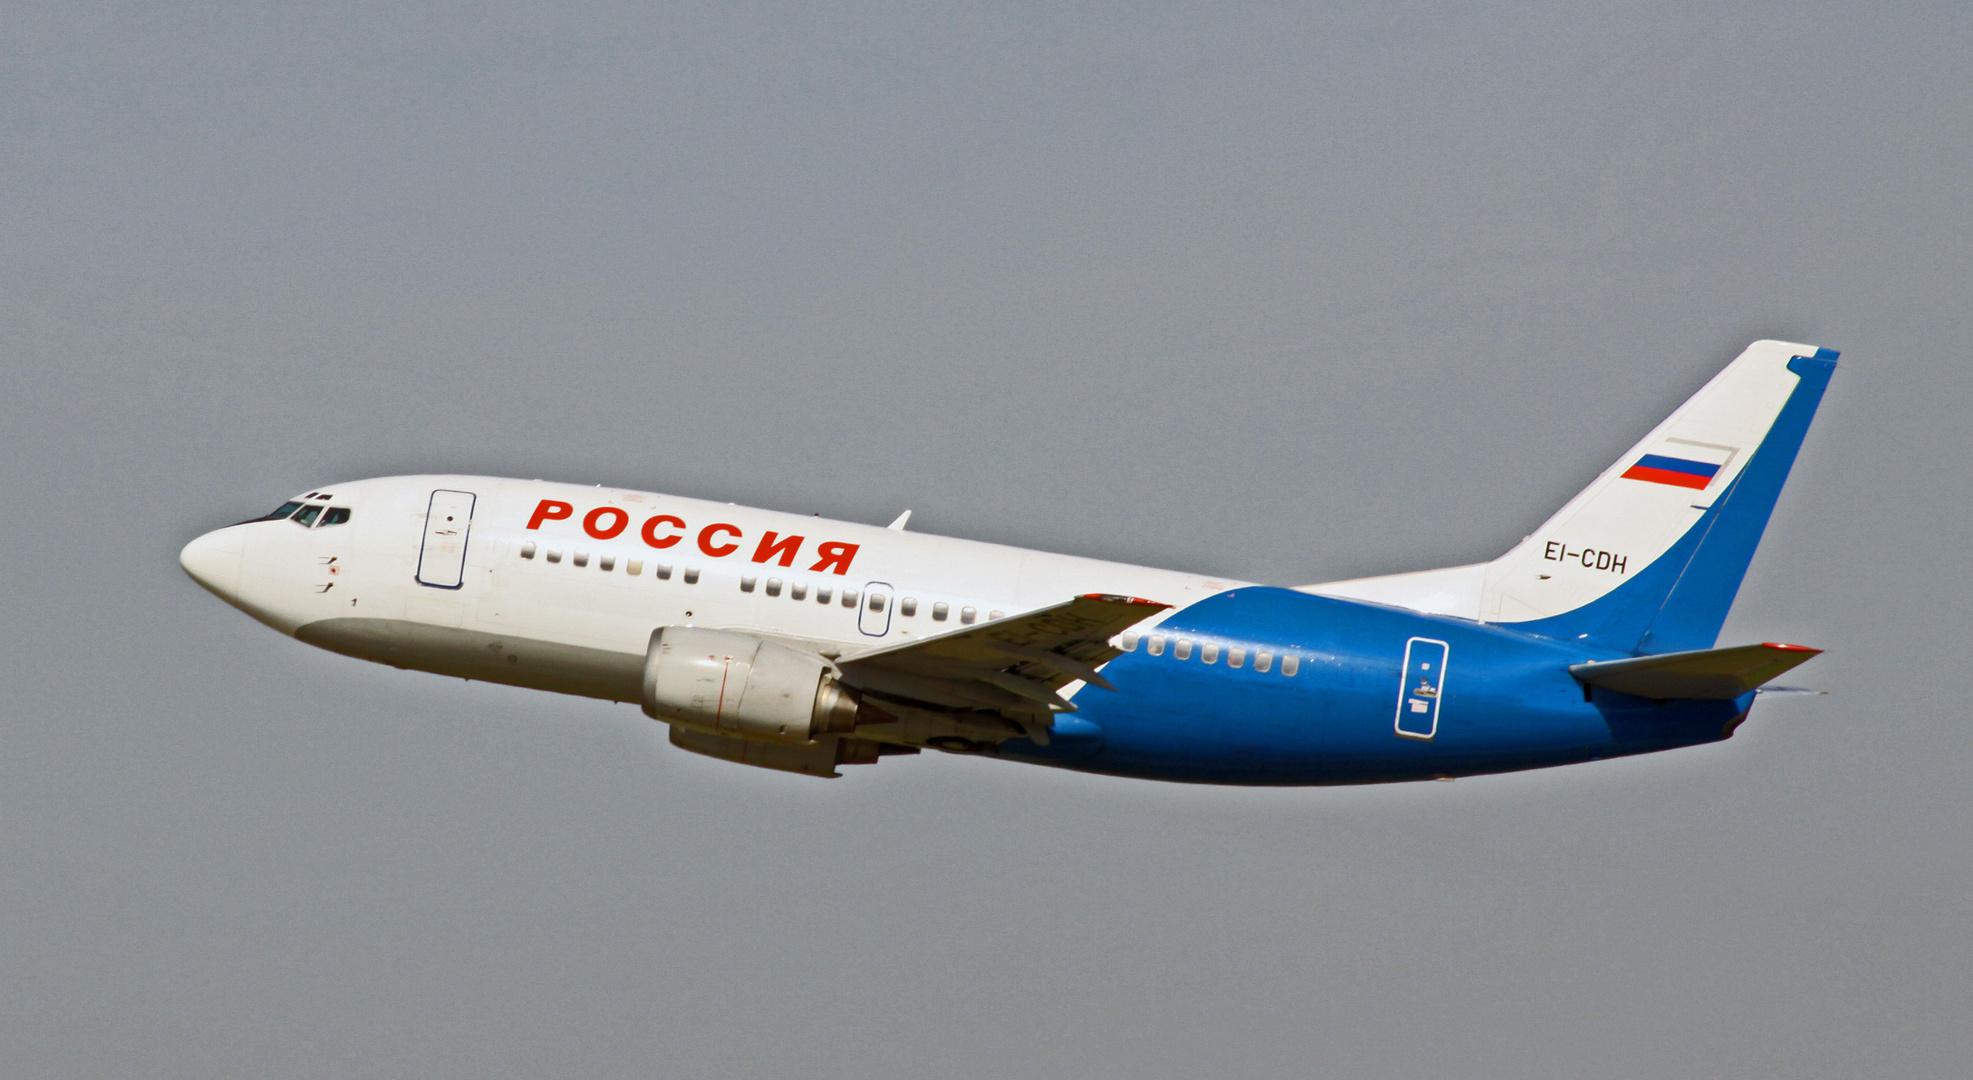 Rossiya..